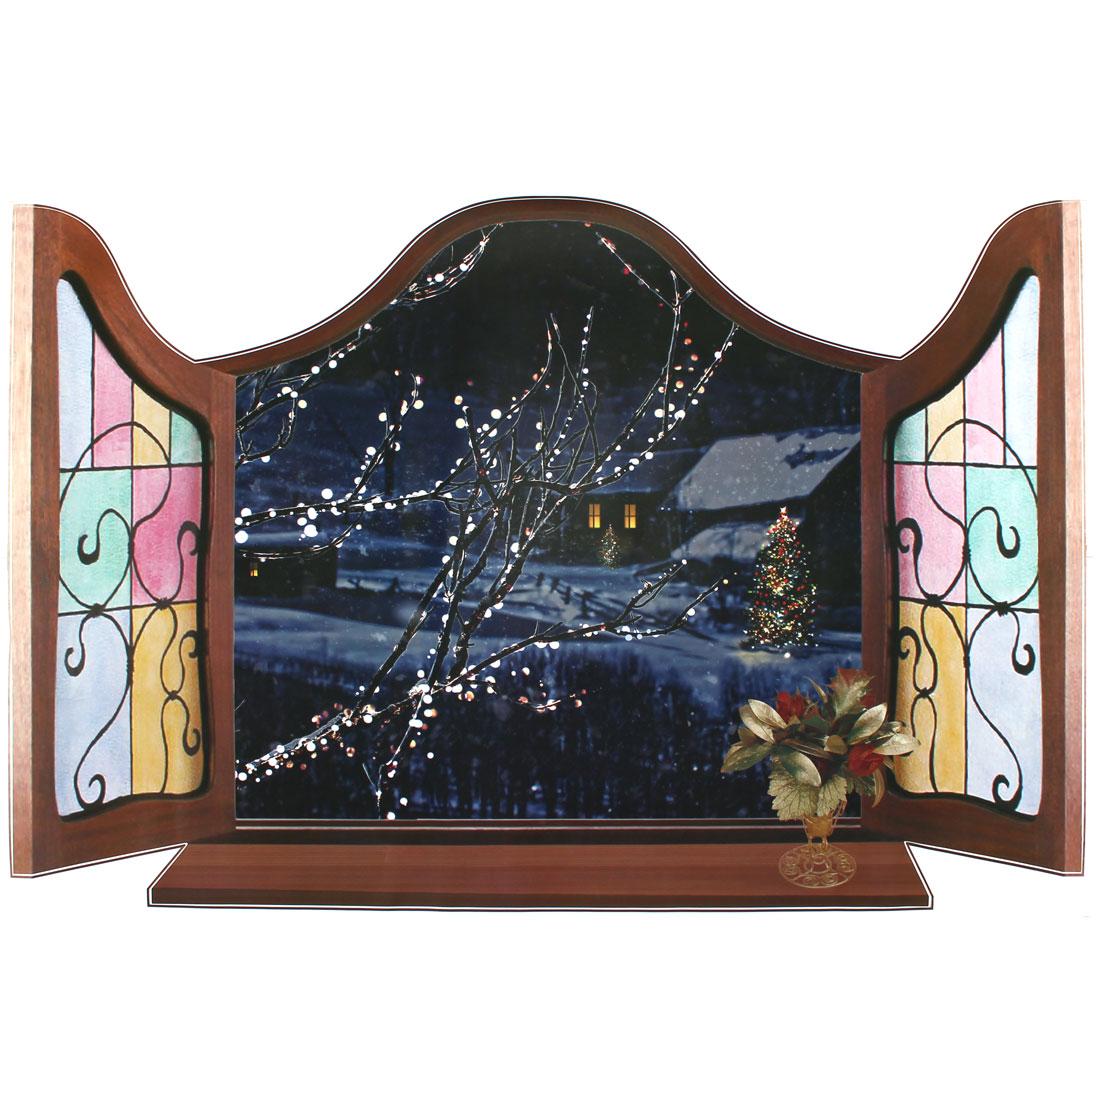 3D Window Wintersweet Pattern Wall Sticker Paper Mural Ornament 90 x 60cm